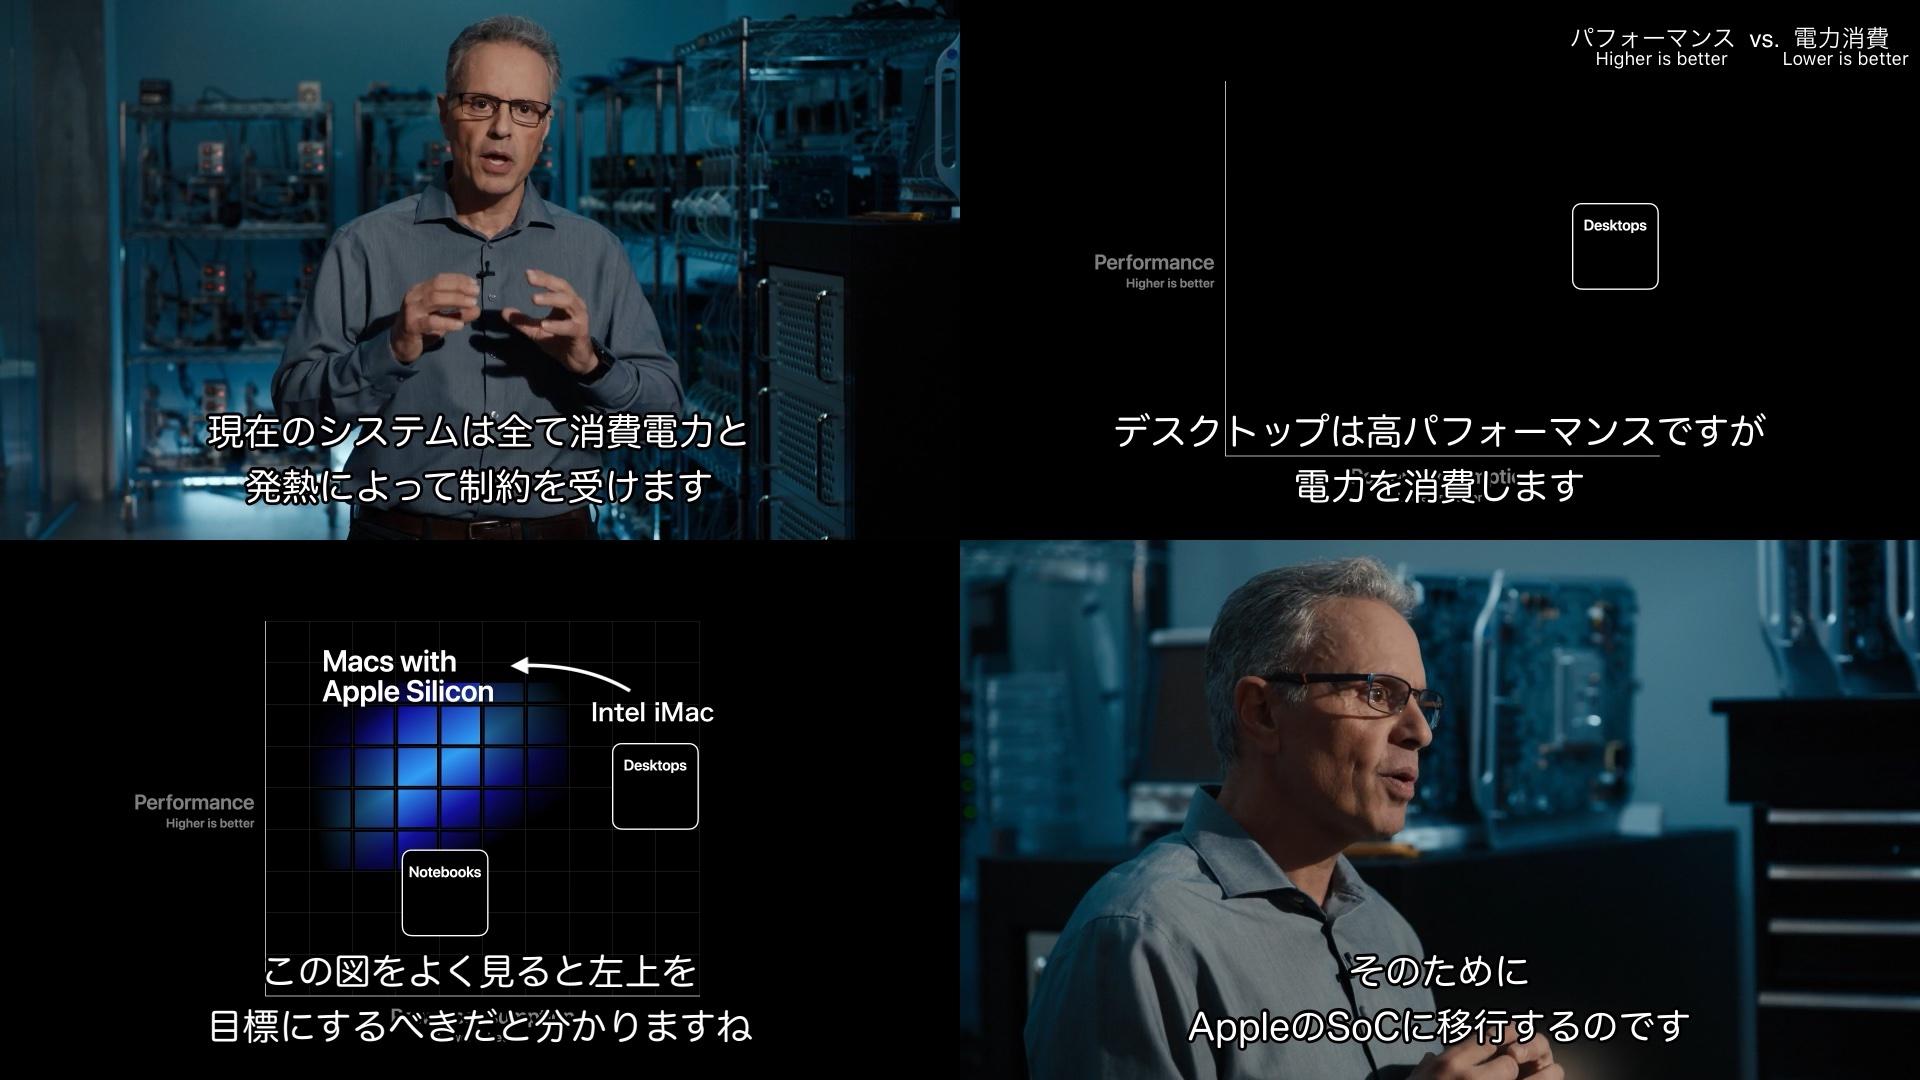 Apple Silicon搭載のMacの目標